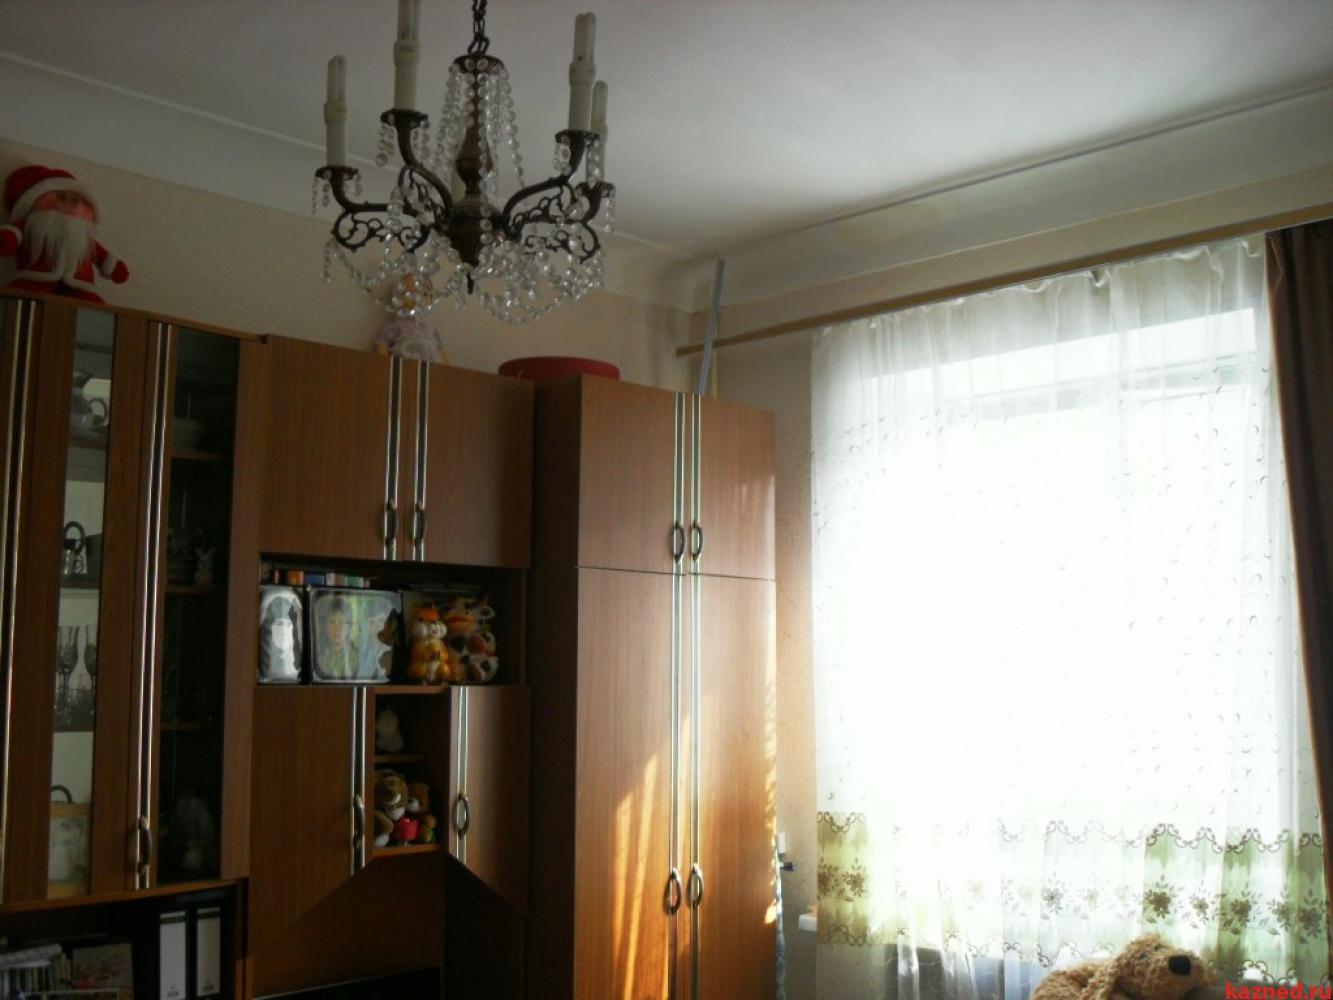 2-комн квартира ул. Белинского, 6 (миниатюра №3)